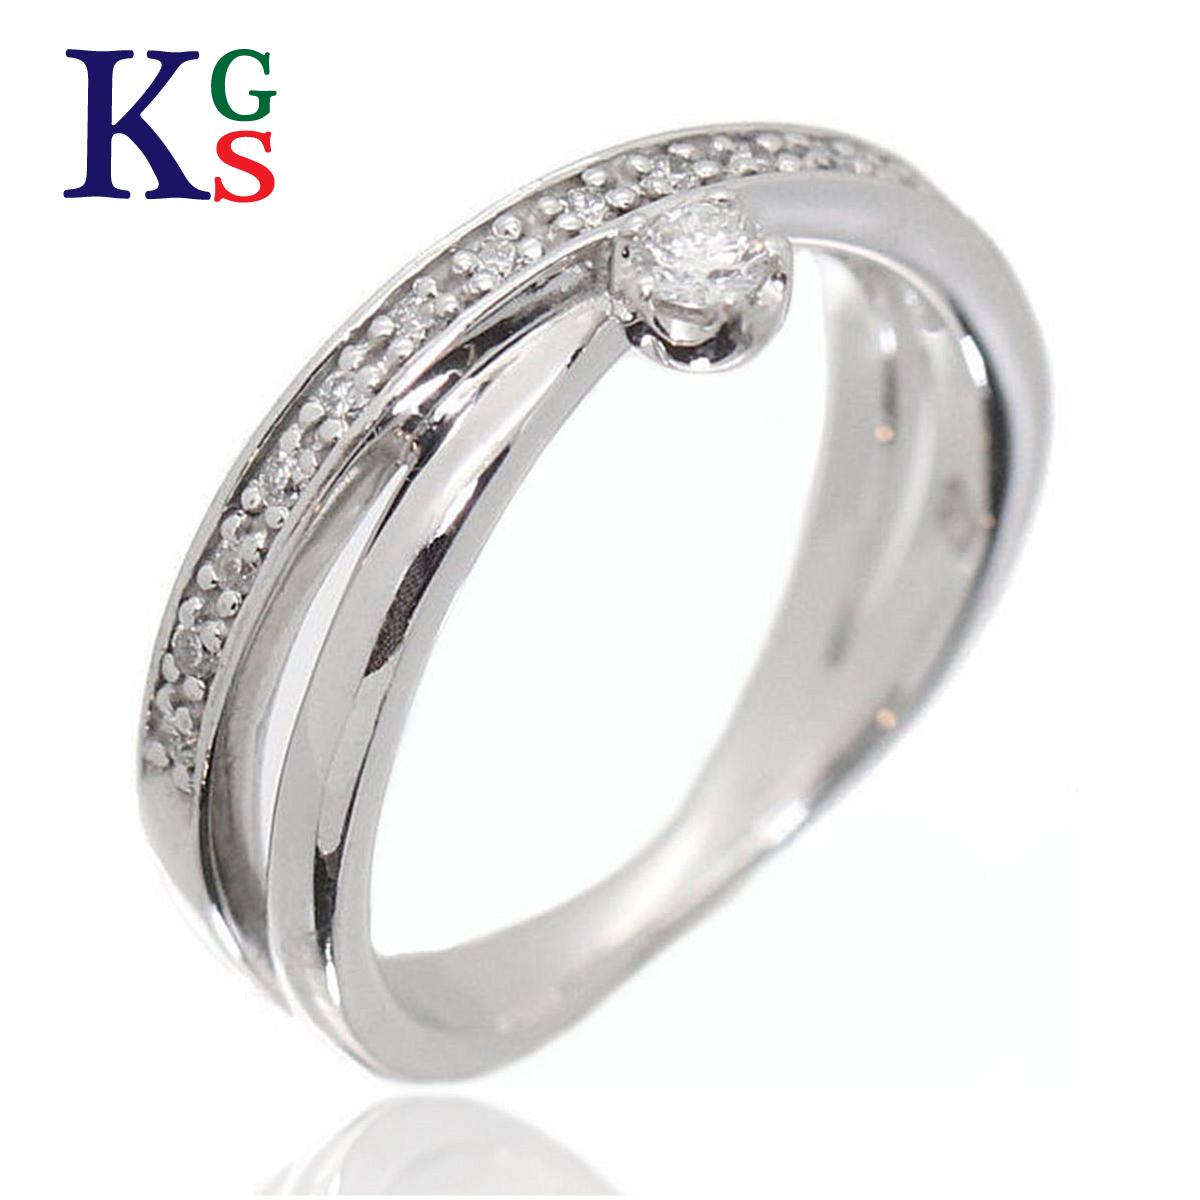 【ギフト品質】【名入れ】ヨンドシー/4°C レディース エタニティリング 1Pダイヤ(脇石16石) K18WG ホワイトゴールド 指輪